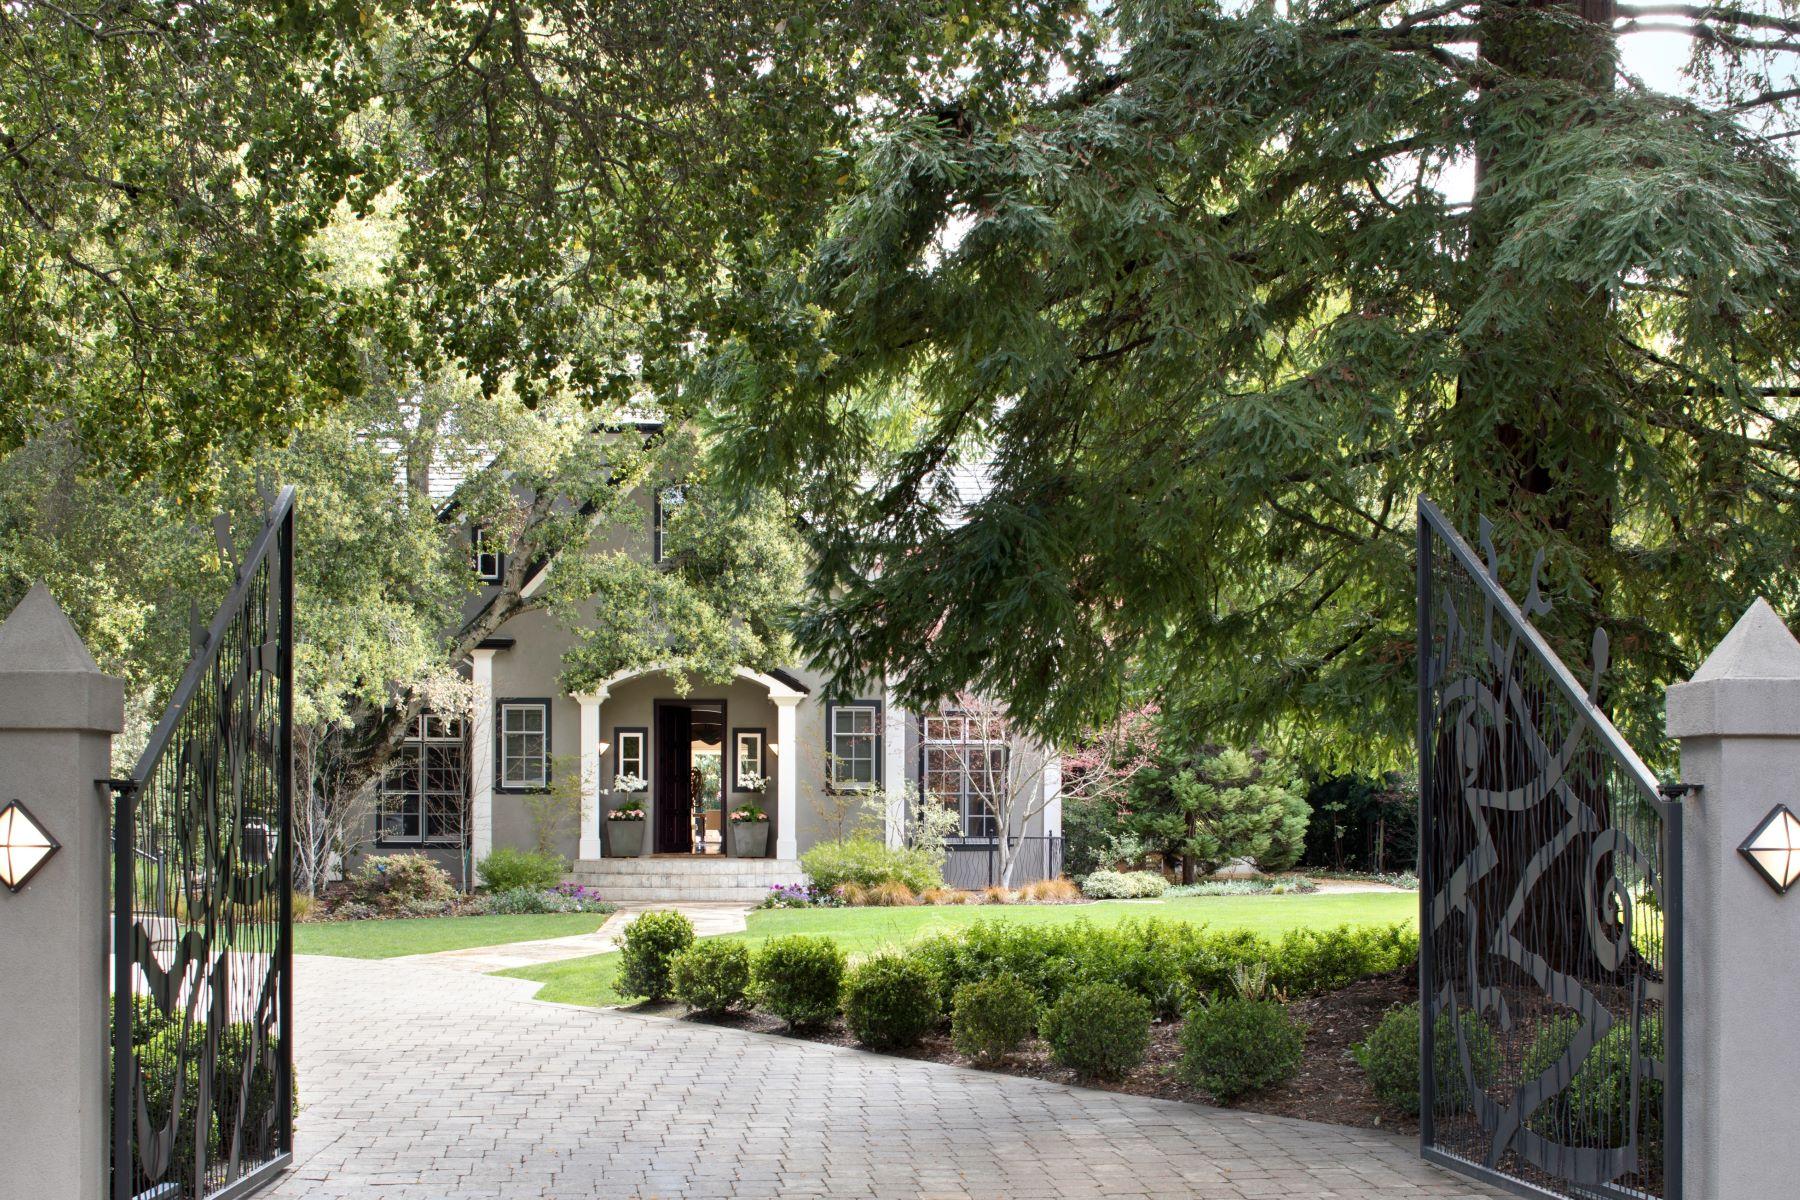 Tek Ailelik Ev için Satış at 83 Tuscaloose Ave 83 Tuscaloosa Ave Atherton, Kaliforniya 94027 Amerika Birleşik Devletleri